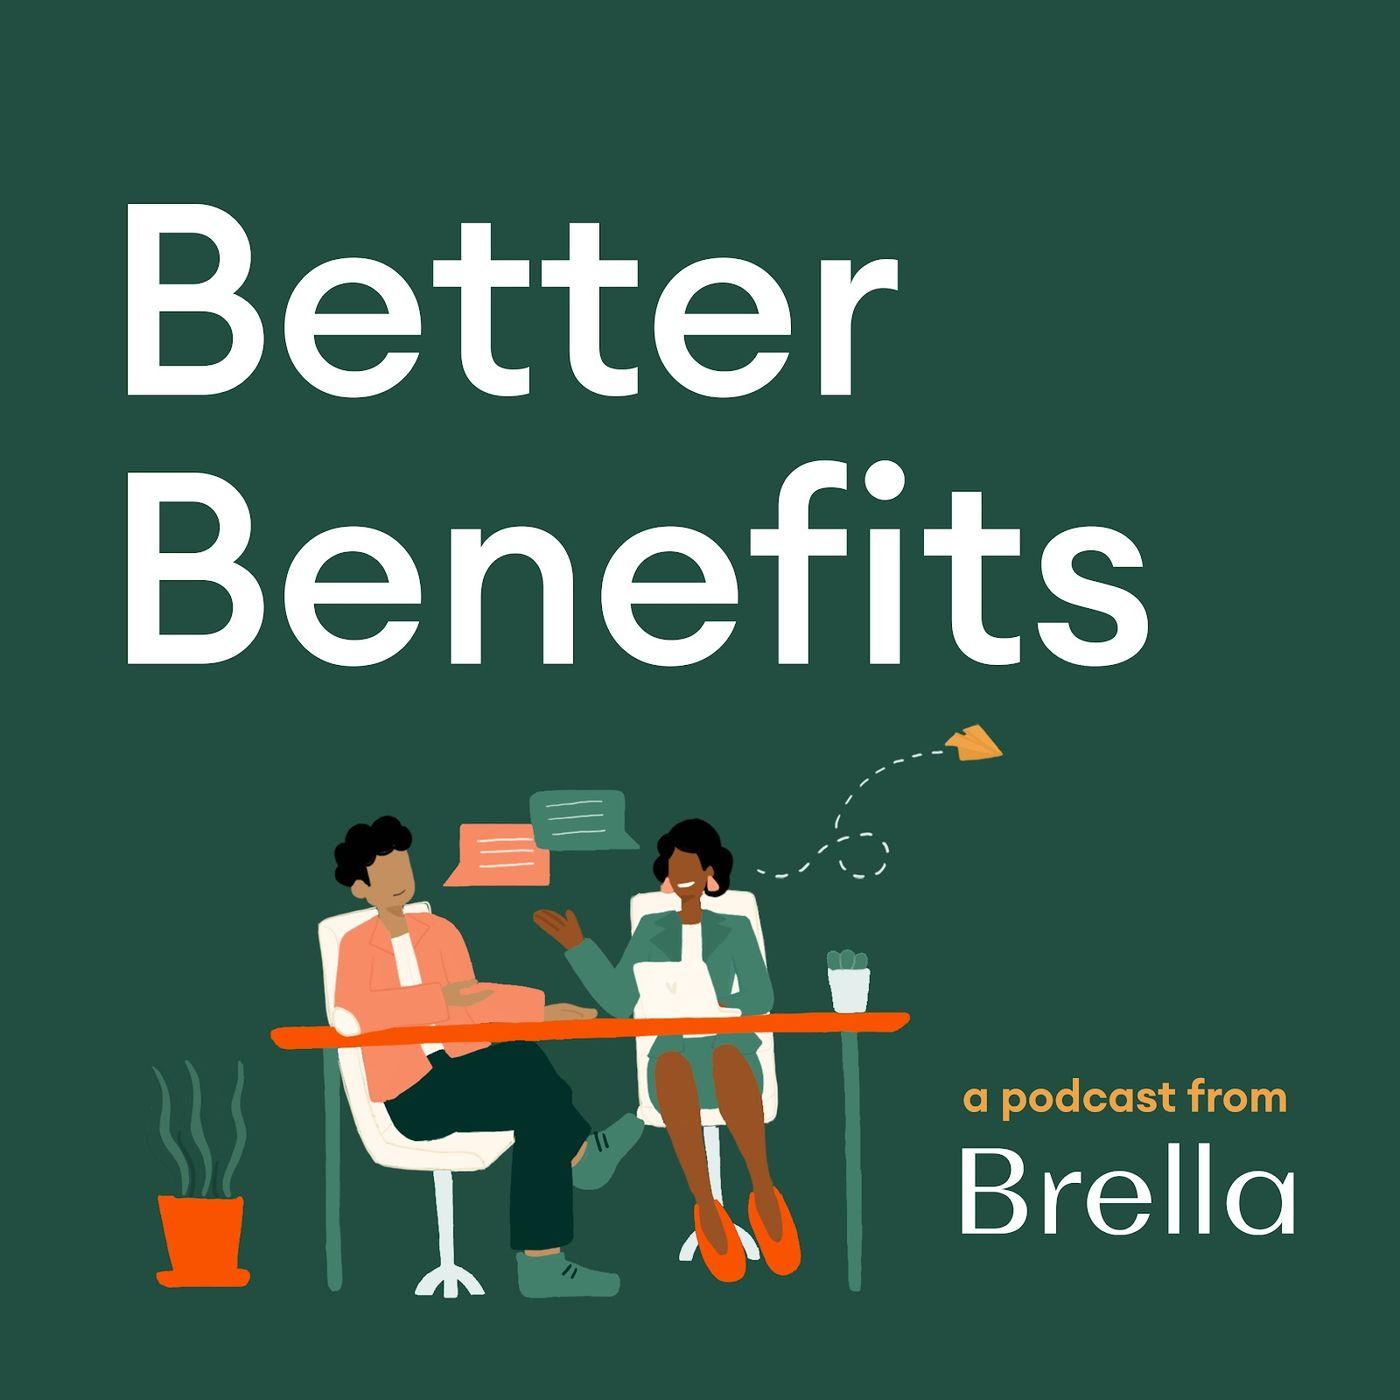 Artwork for podcast Better Benefits